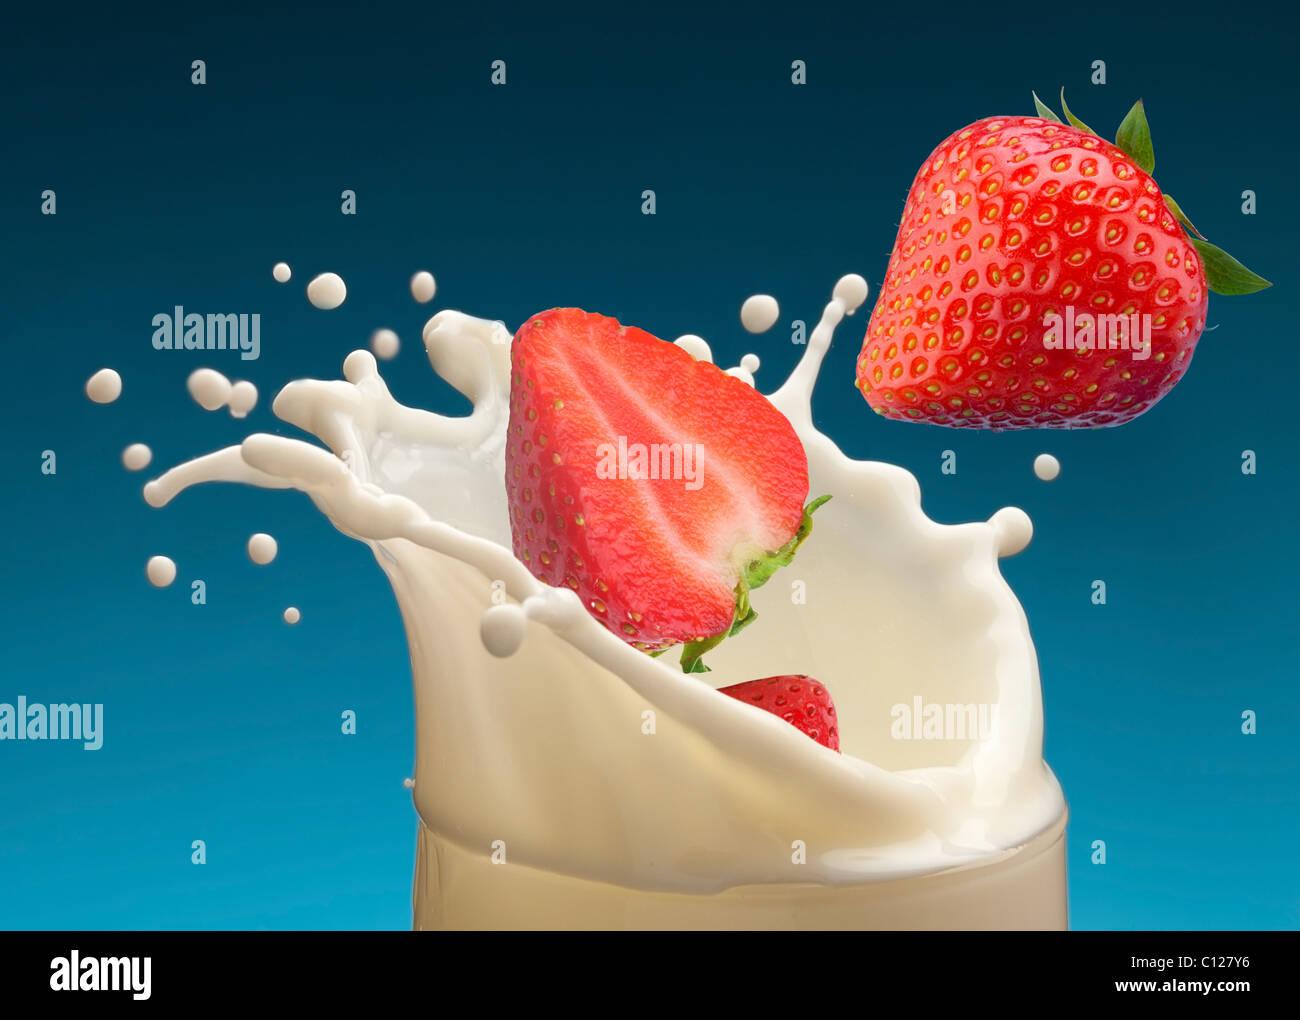 Schizzi di latte, causato dalla caduta in un fragole mature. Isolato su uno sfondo blu. Immagini Stock